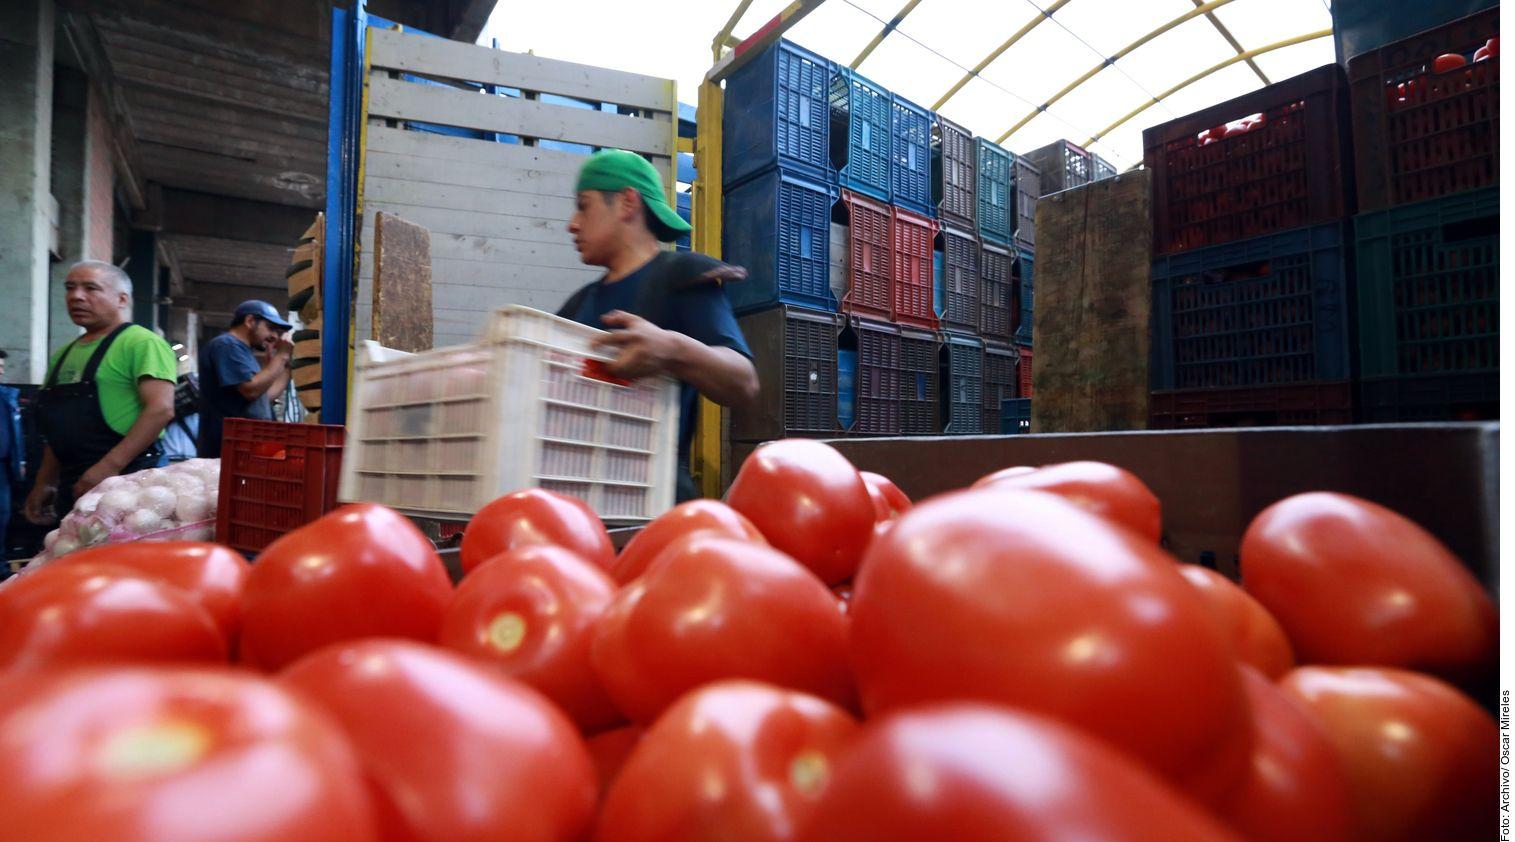 Exportaciones de tomates de México a Estados Unidos. AGENCIA REFORMA.